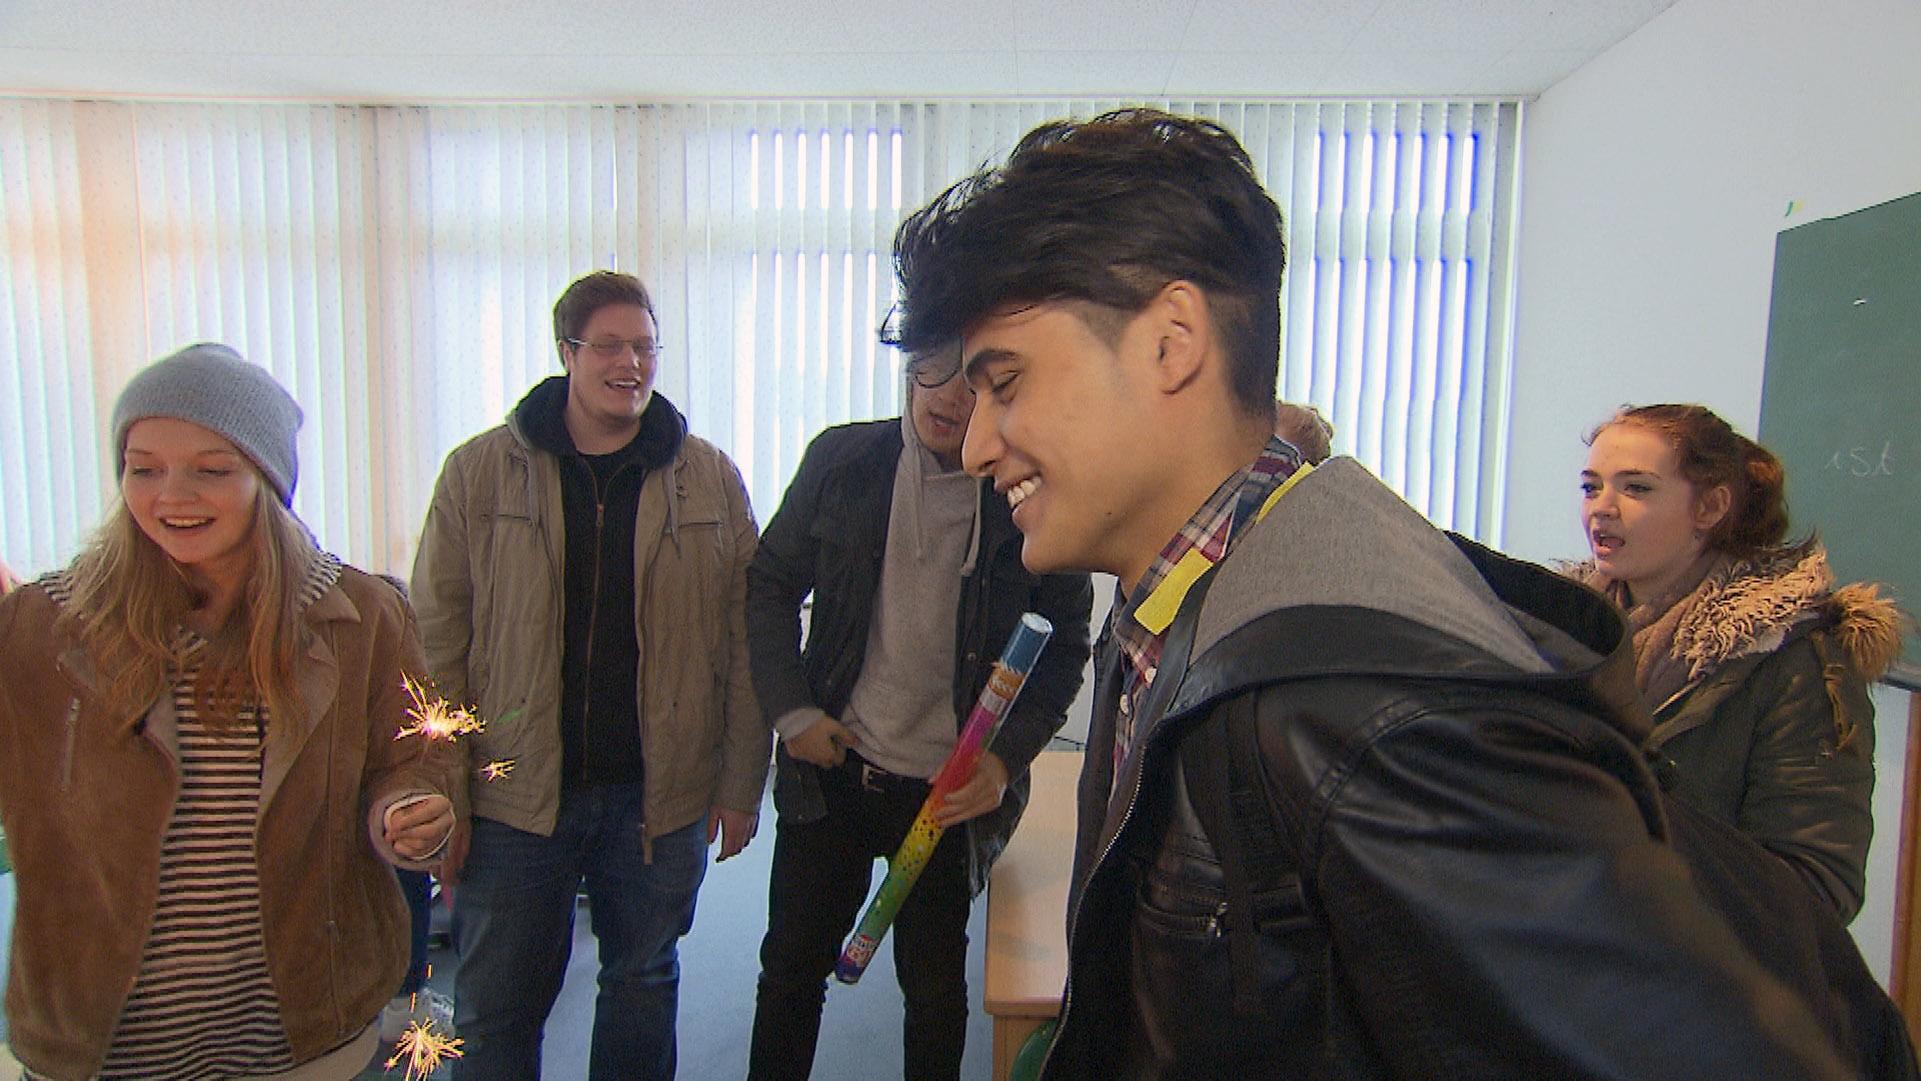 Yanick gerät an seinem Geburtstag unter Zugzwang, als seine Freunde fordern, dass er einen ausgibt... (Quelle: RTL 2)